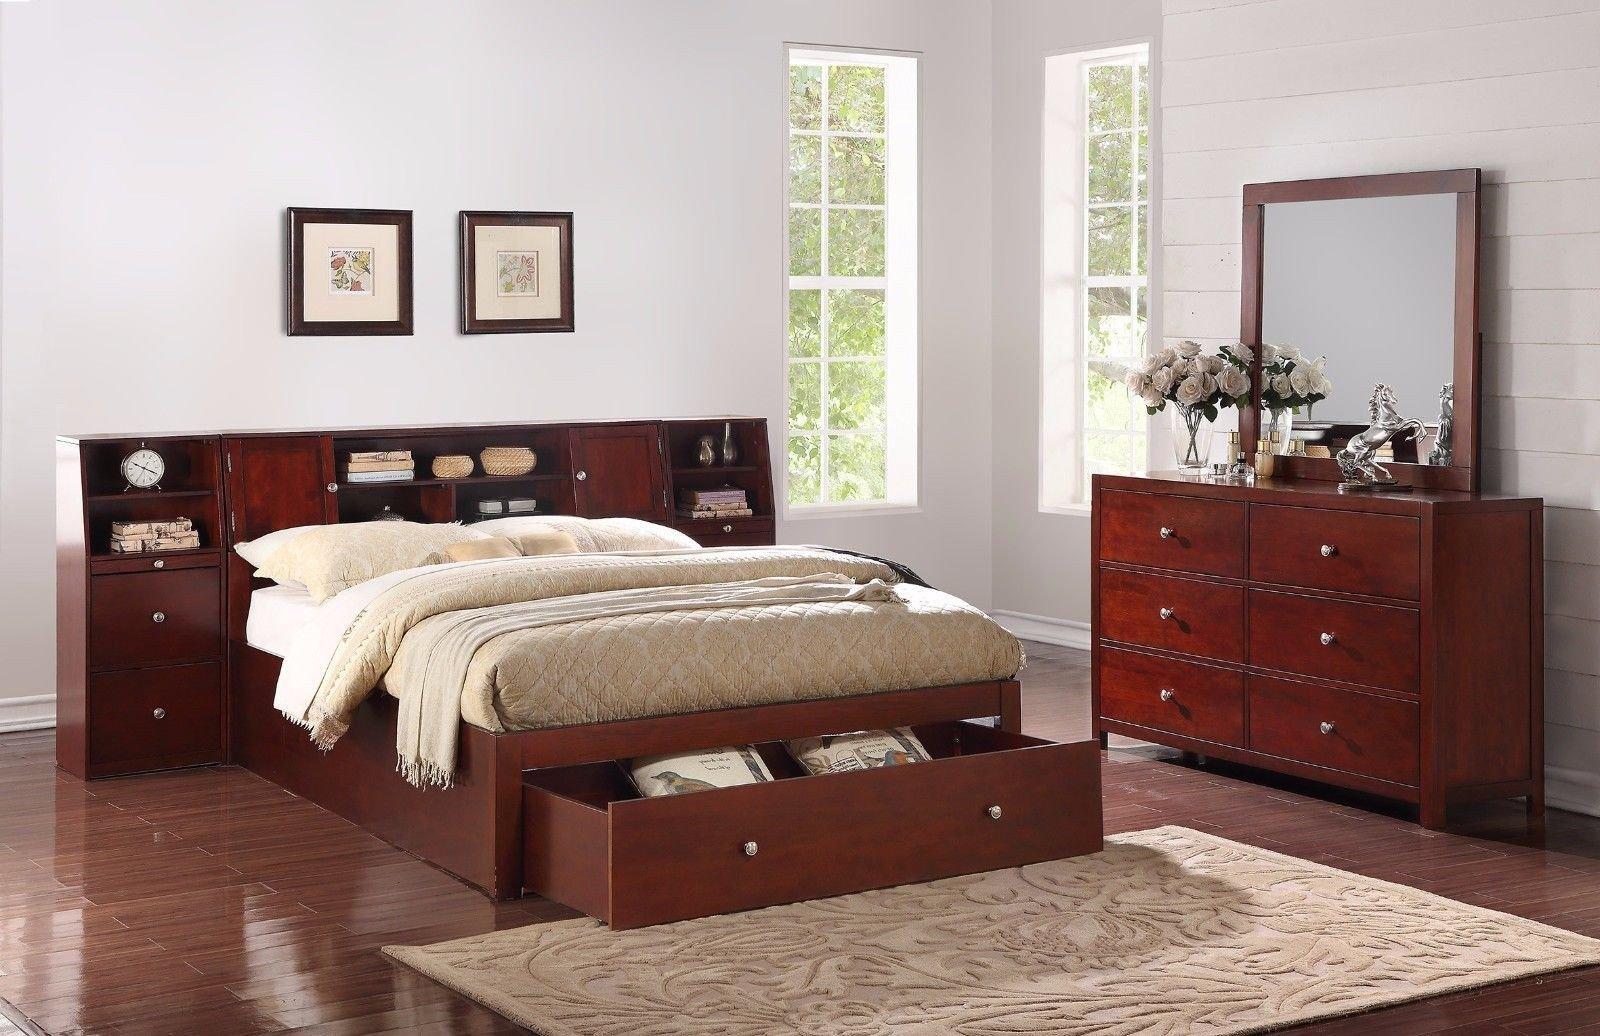 Queen Bedroom Set with Storage Drawers Beautiful Bedroom 4pc Set Queen Bed W Storage Drawer Shelf Nightstand